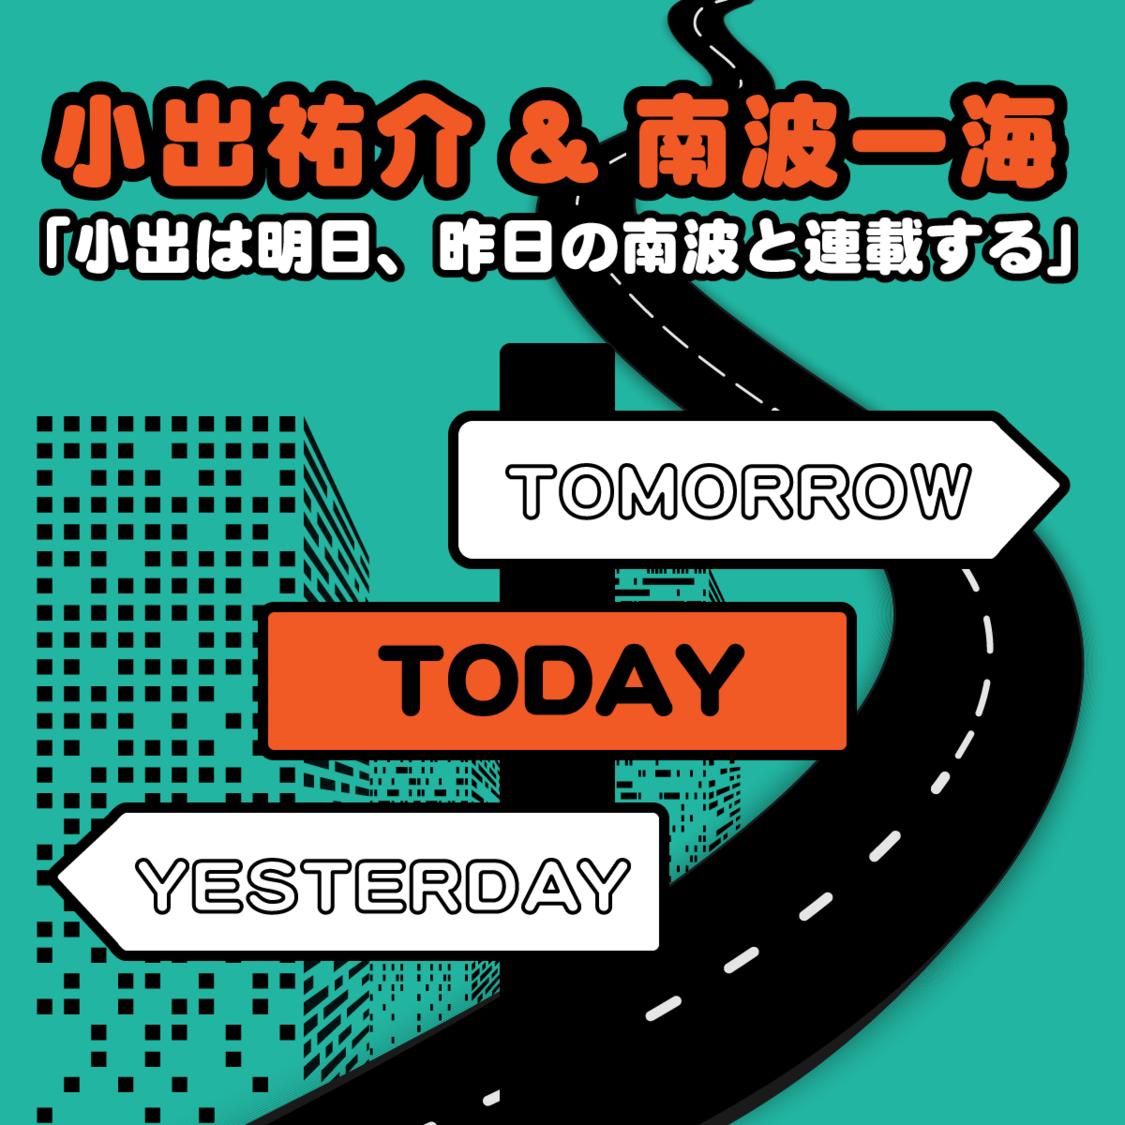 第10回:EMPiREとGANG PARADE〜小出祐介&南波一海「小出は明日、昨日の南波と連載する」〜